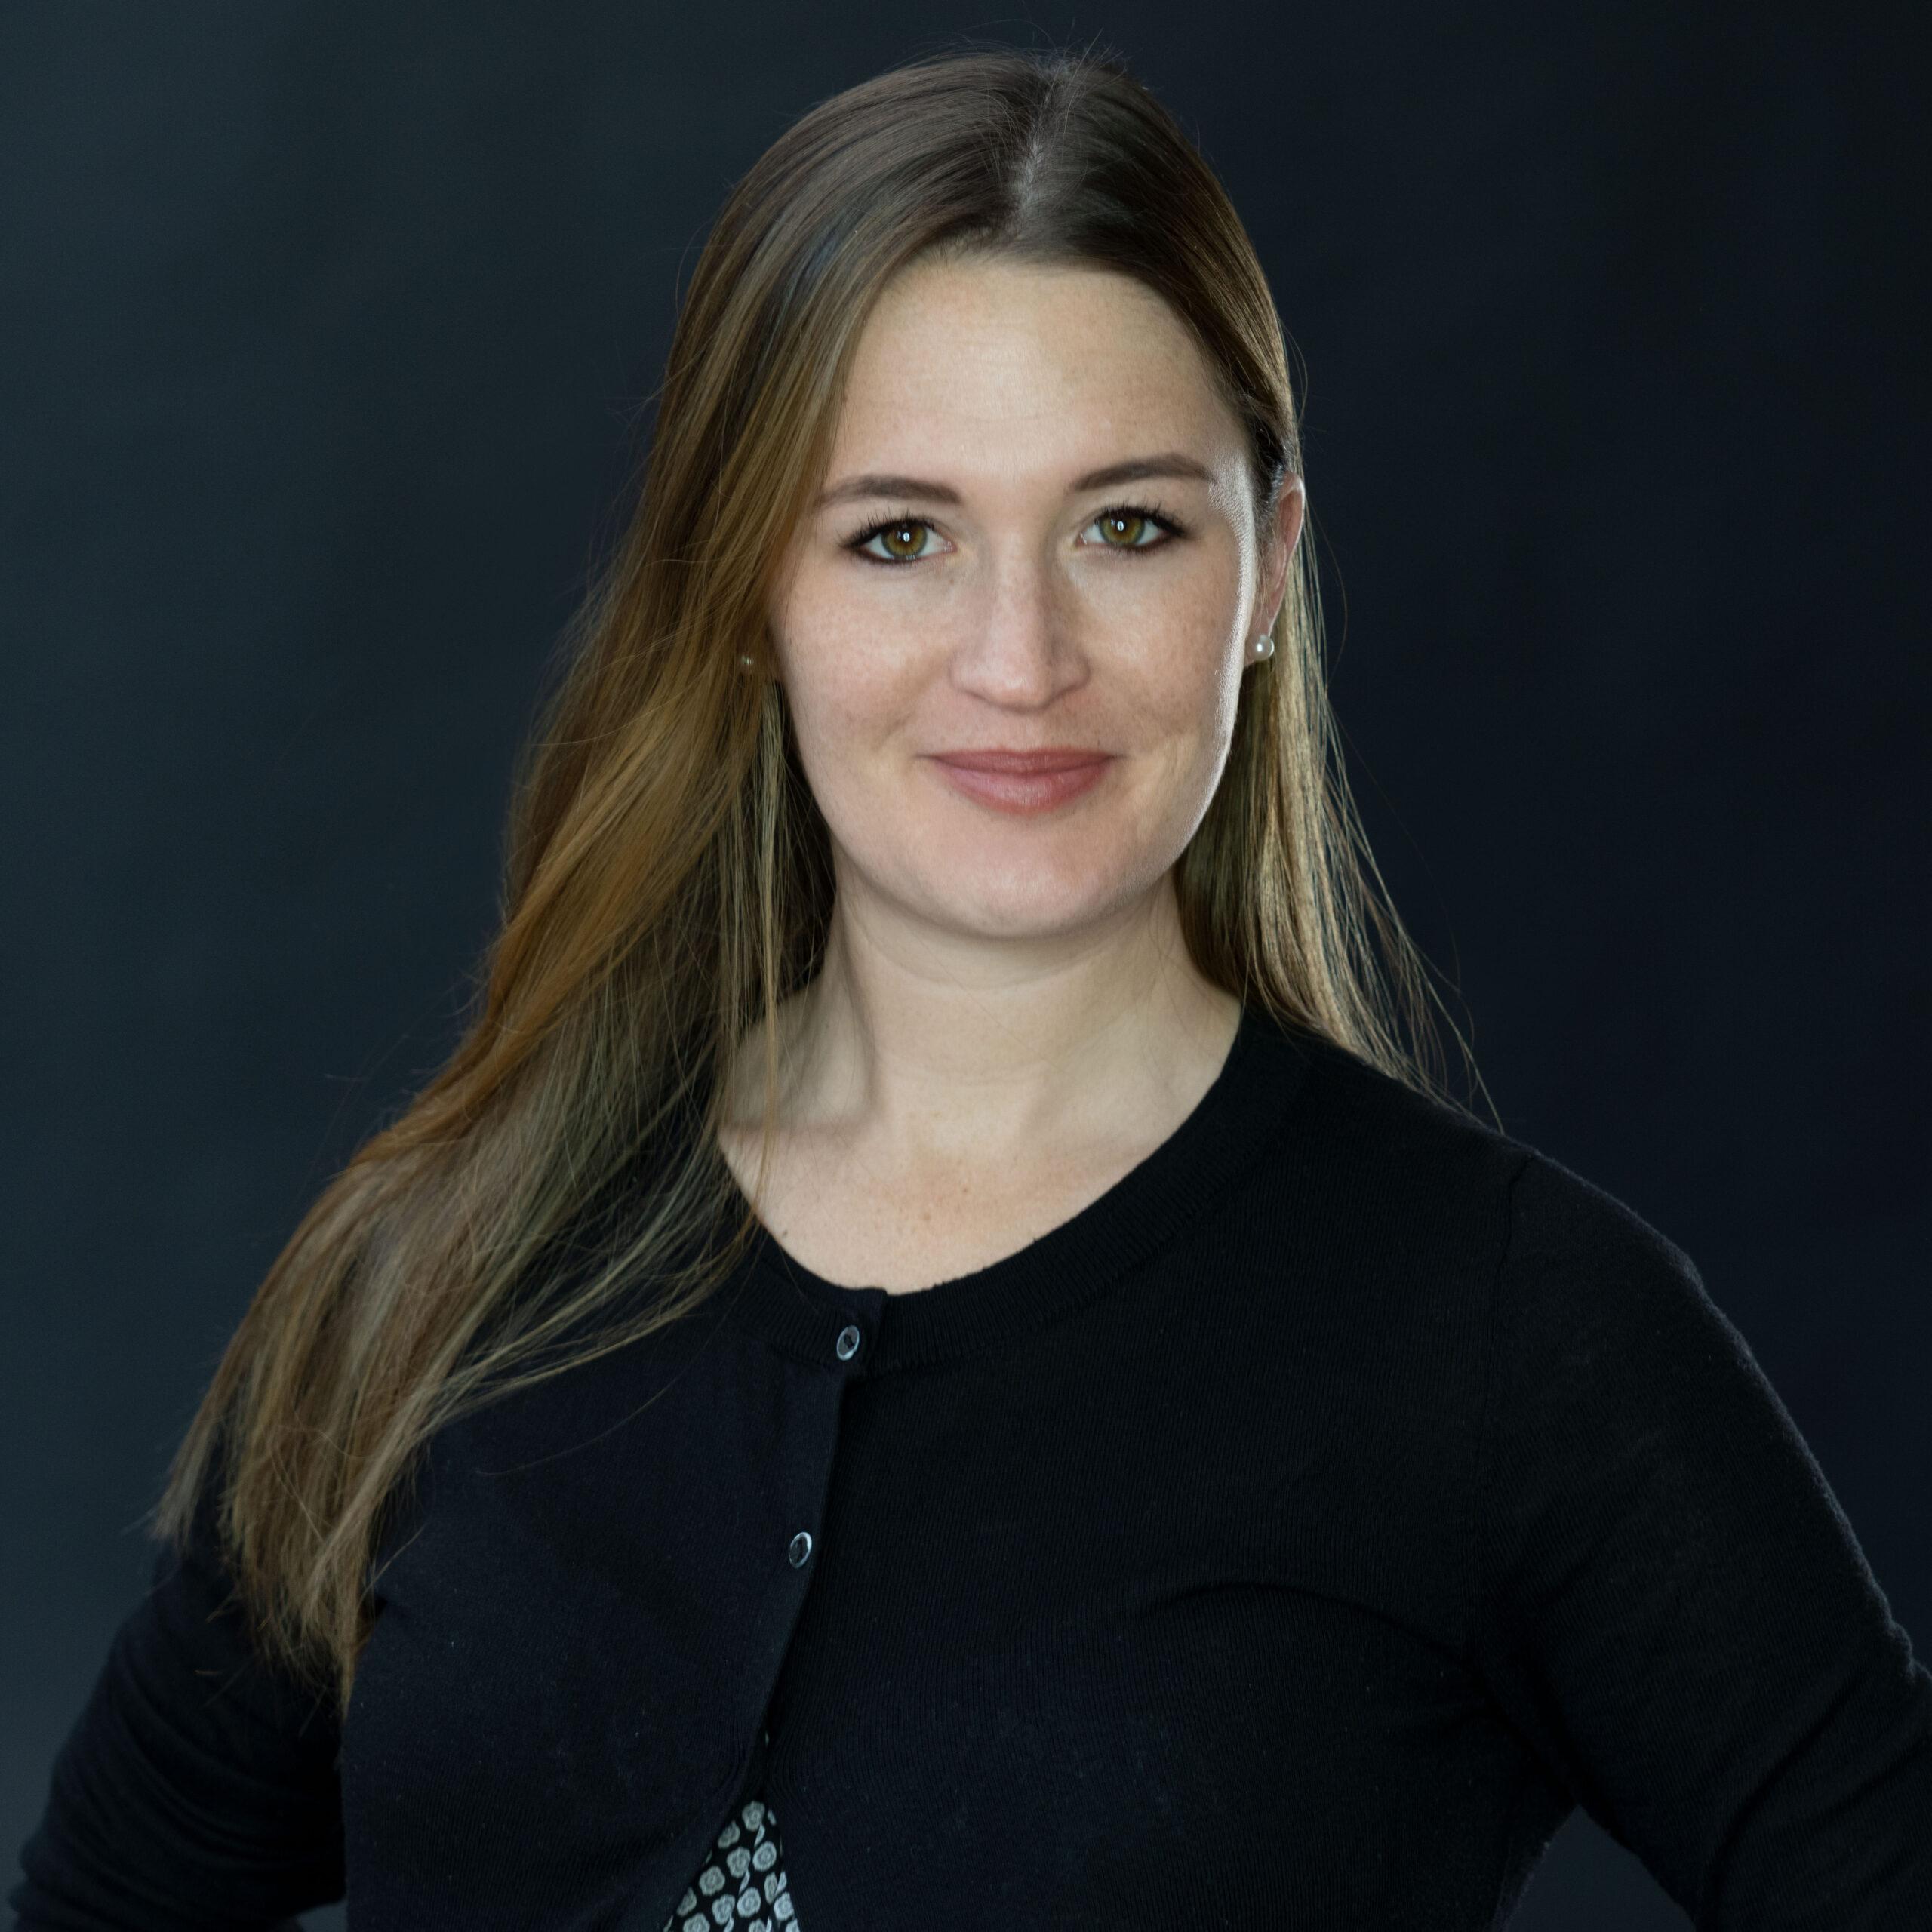 Corinne Brecher